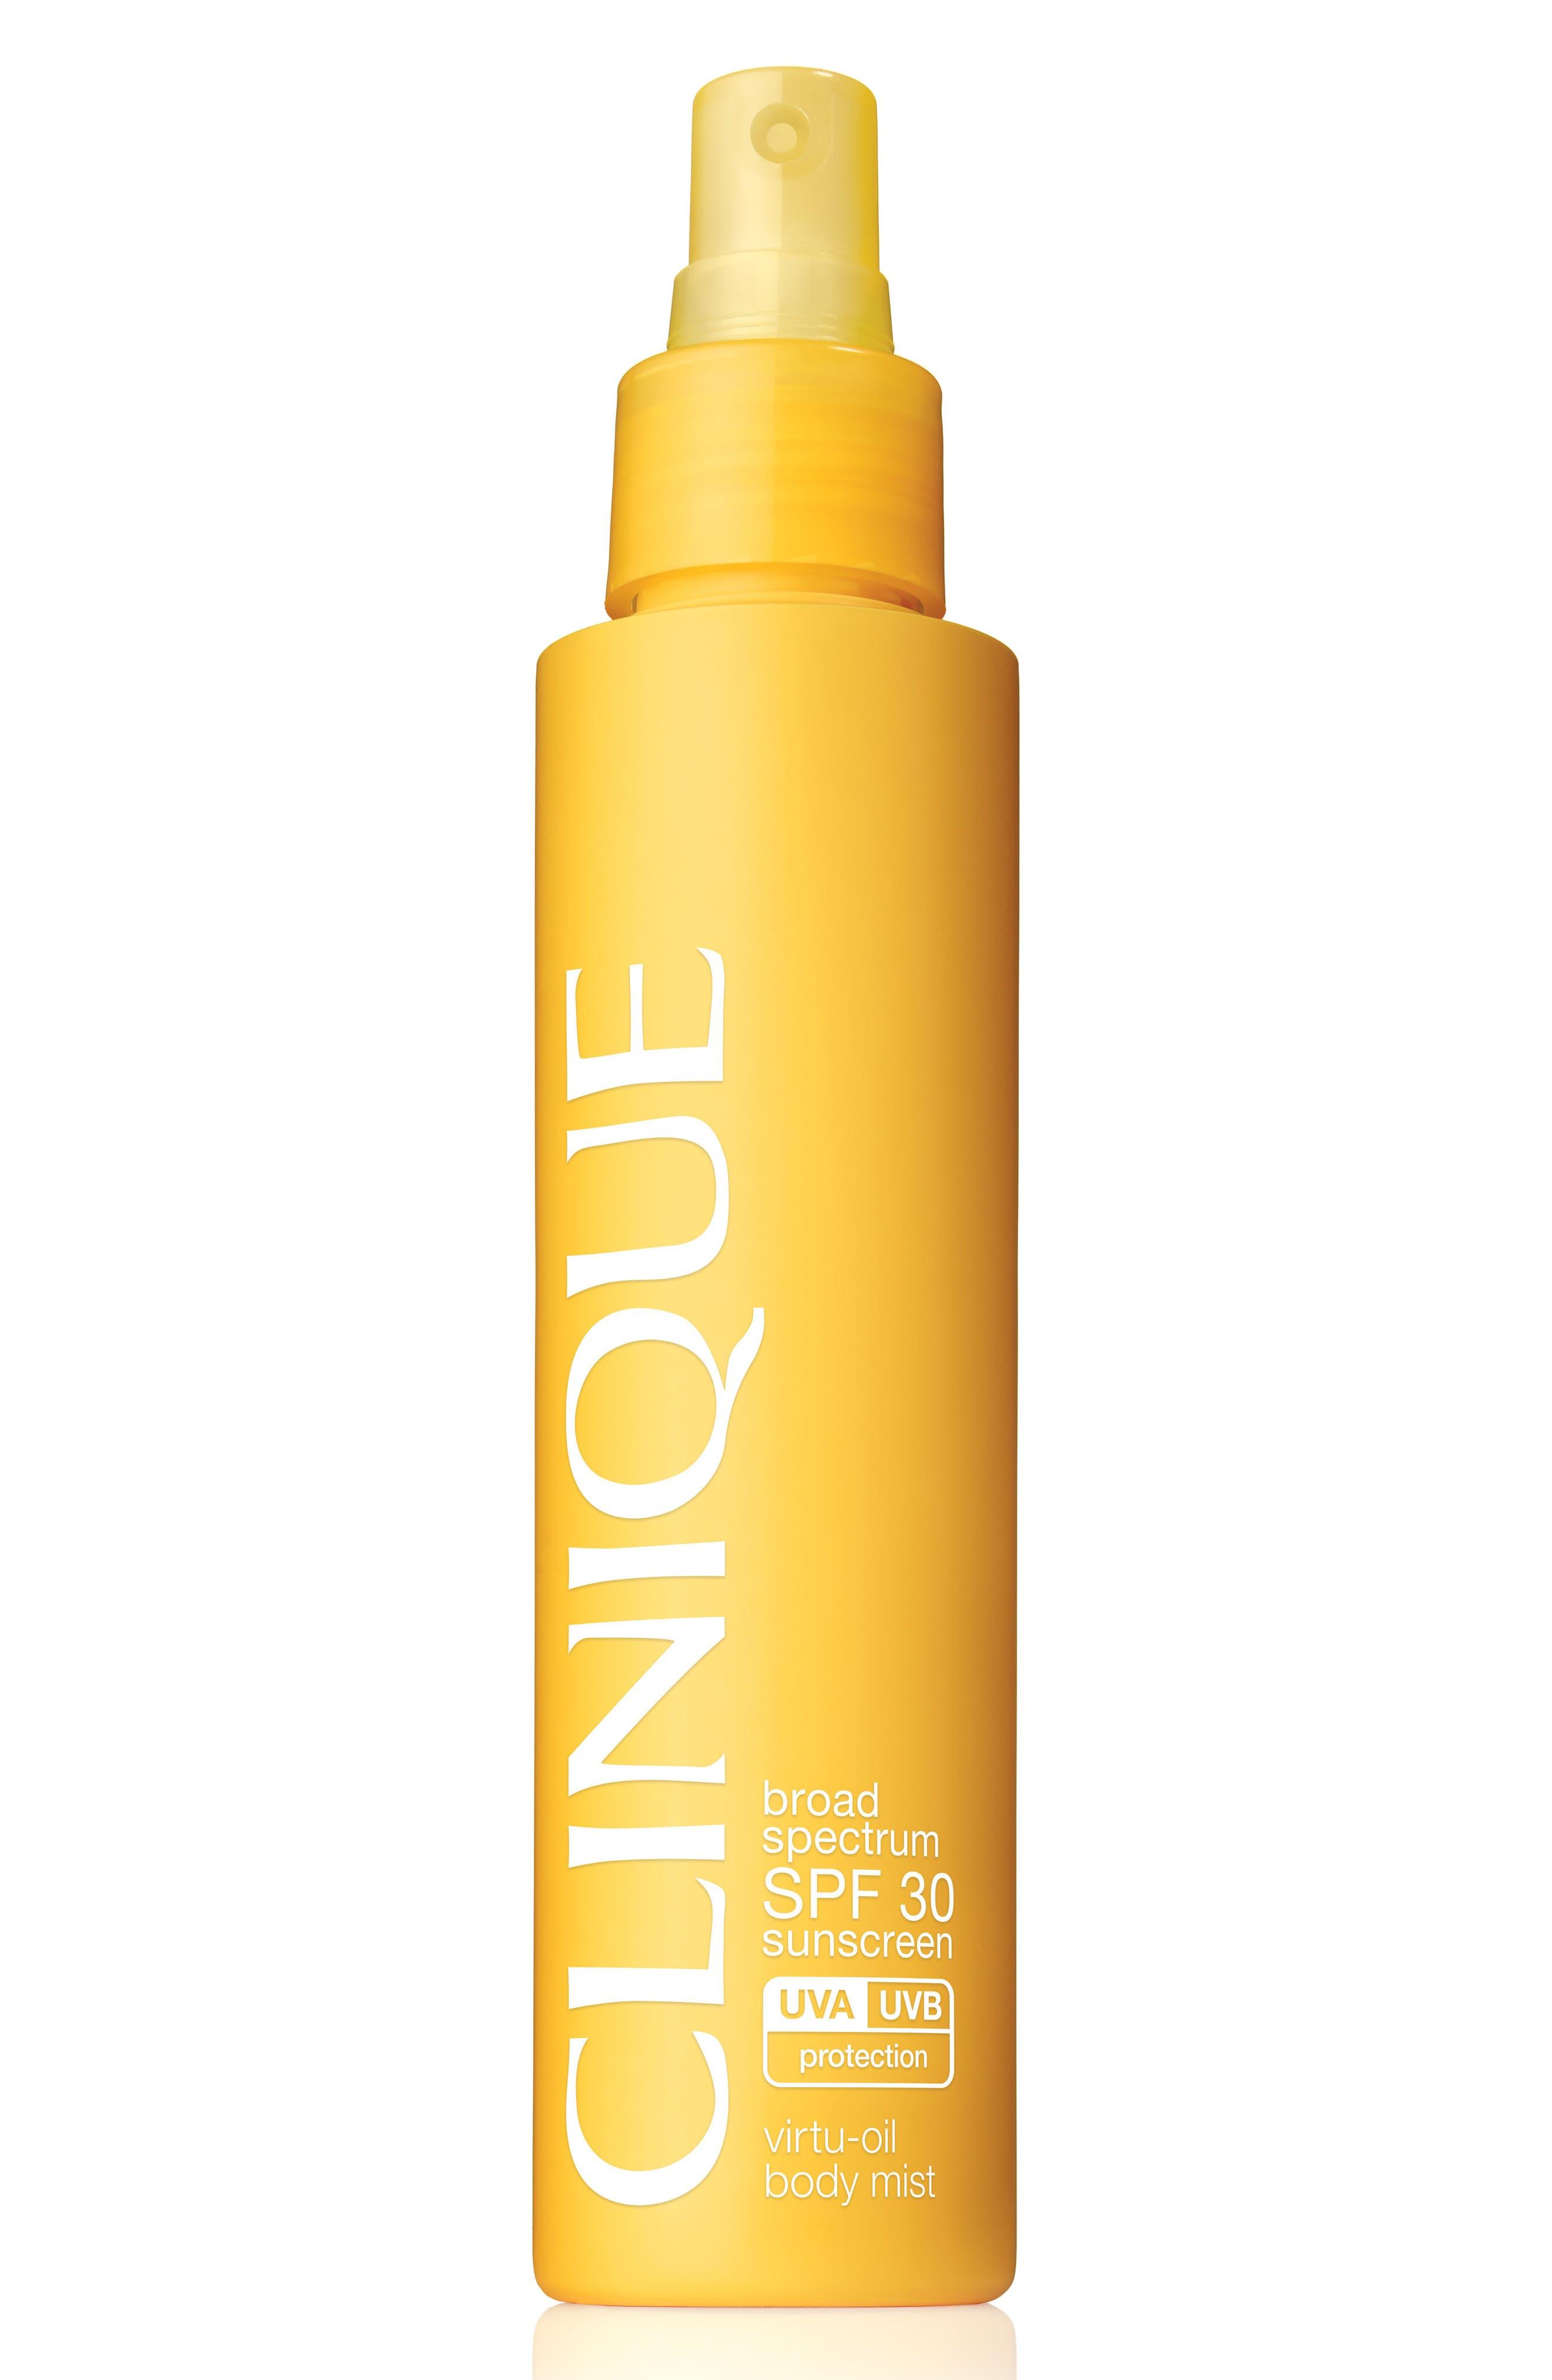 CLINIQUE Broad Spectrum SPF 30 Sunscreen Vitru-Oil Body Mist, Main, color, NO COLOR